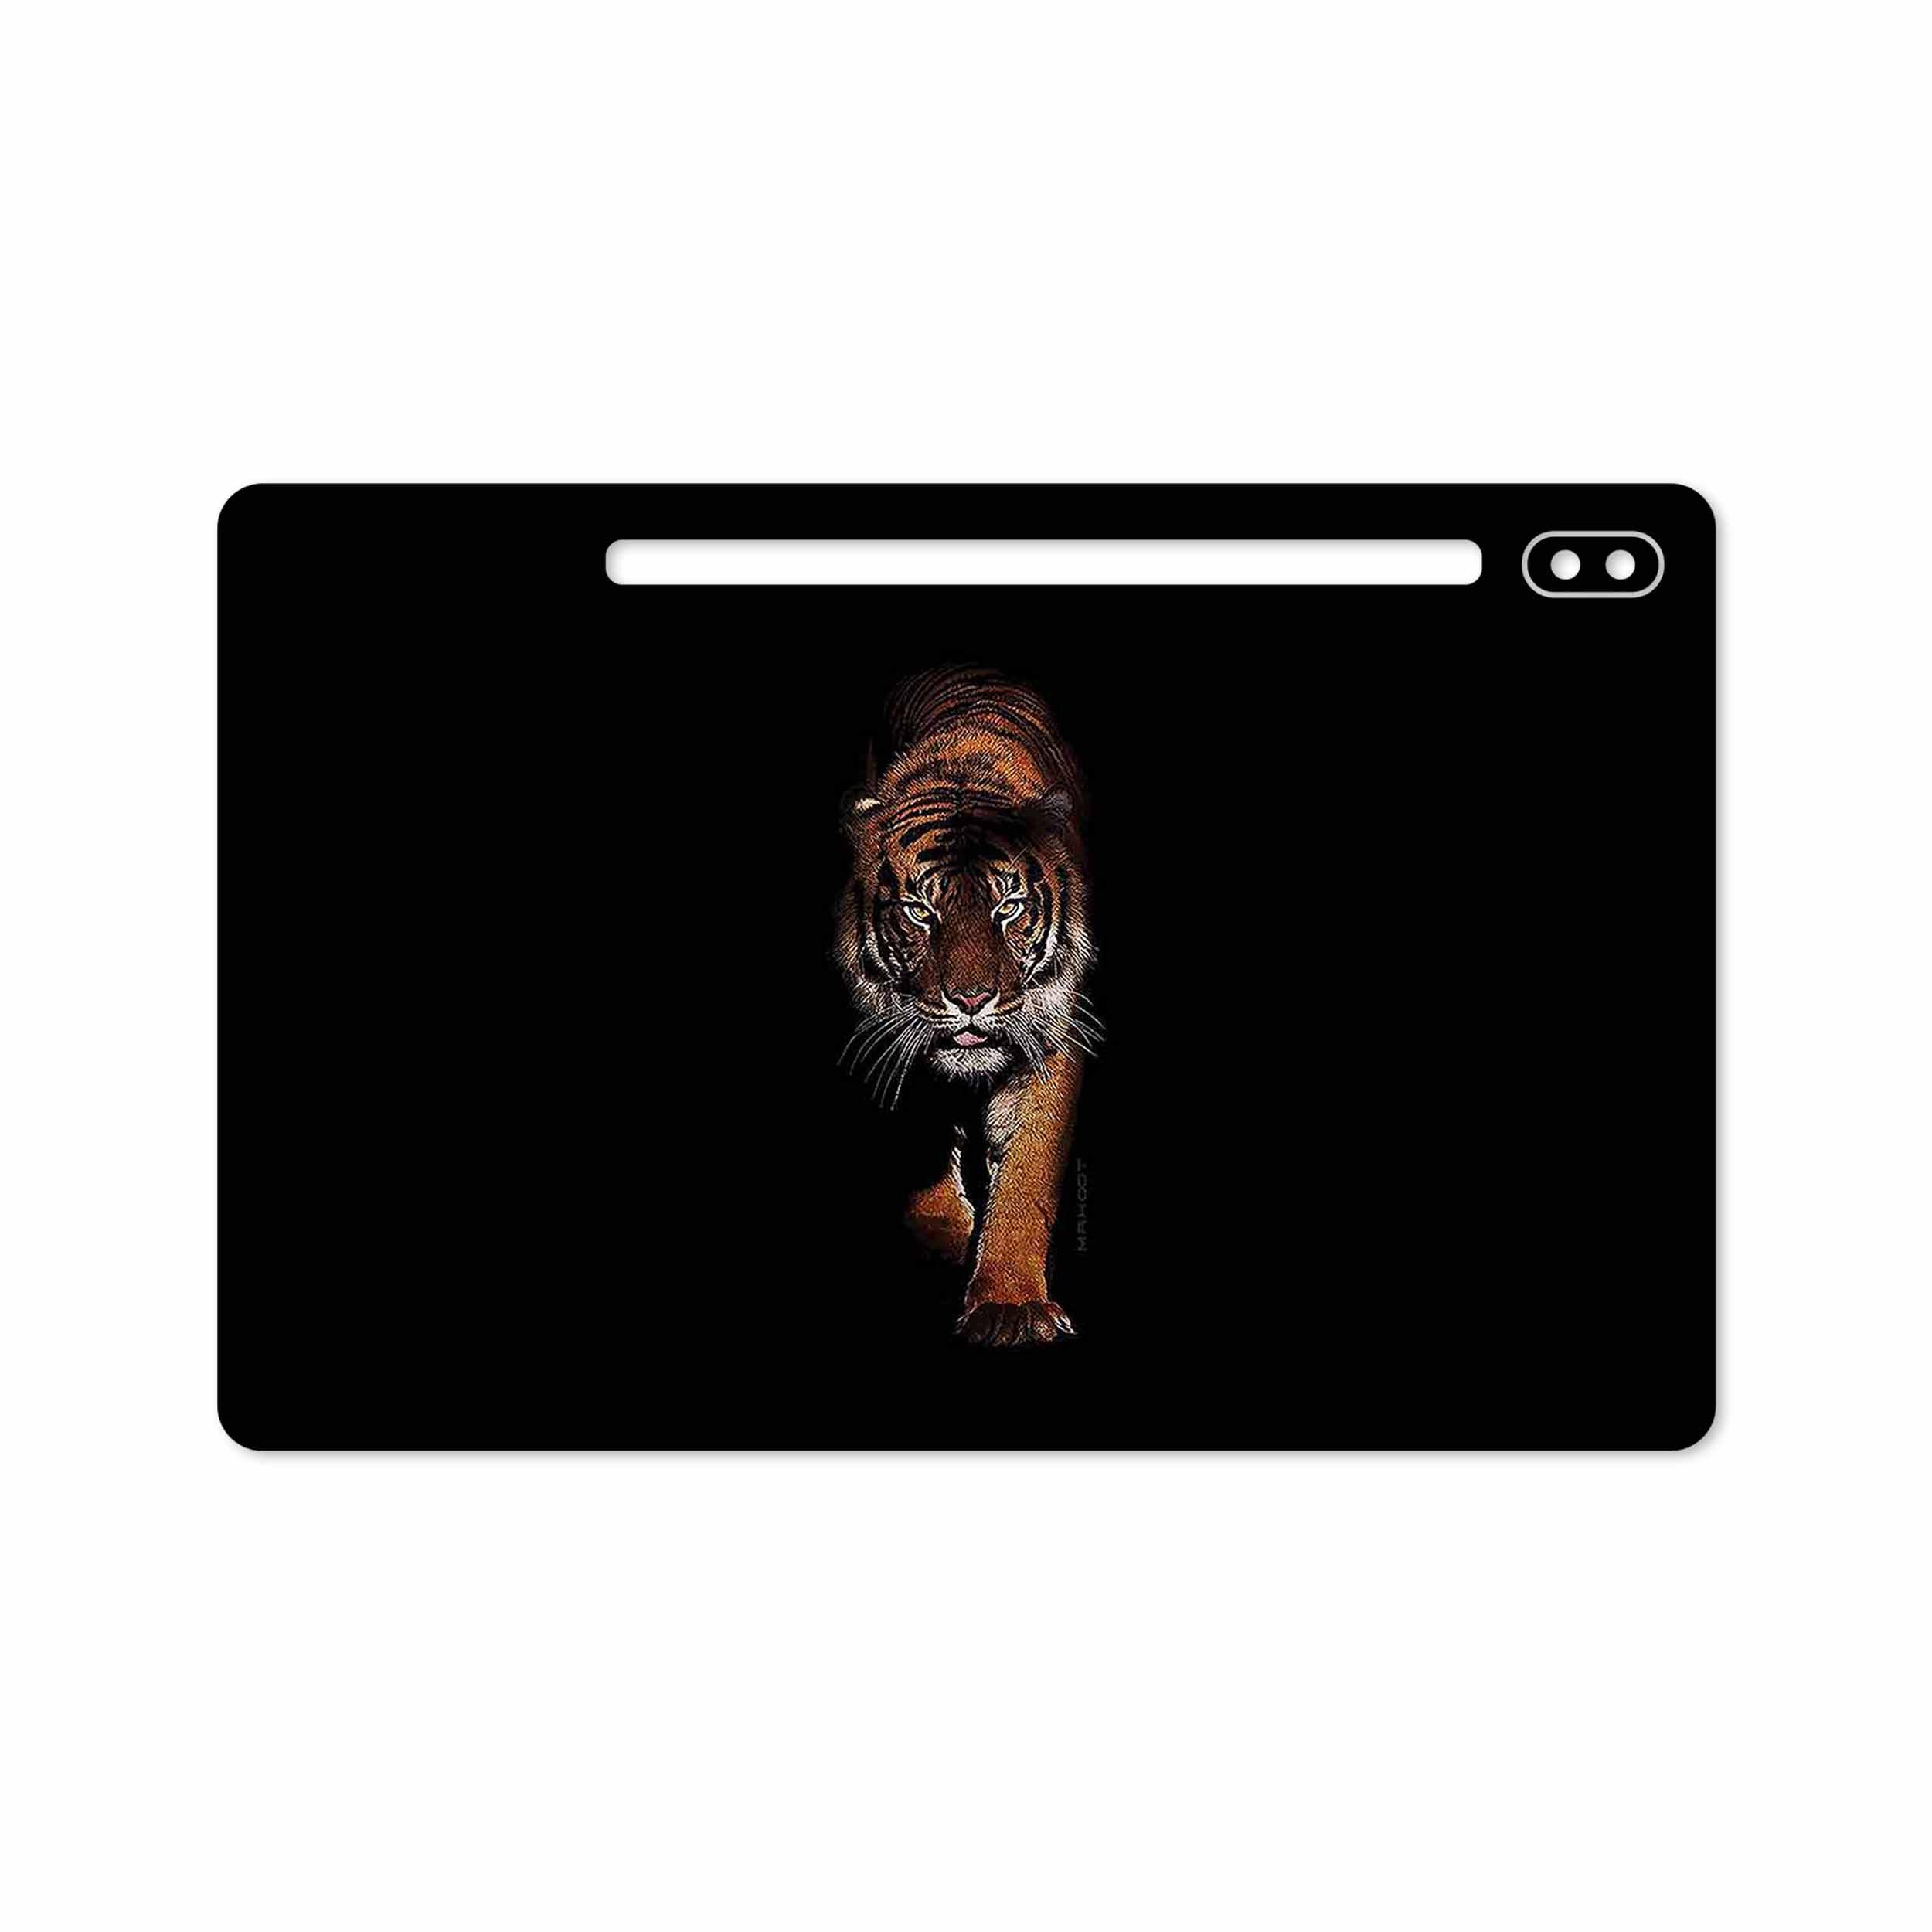 بررسی و خرید [با تخفیف]                                     برچسب پوششی ماهوت مدل Wild Tiger مناسب برای تبلت سامسونگ Galaxy Tab S6 2019 SM-T865                             اورجینال